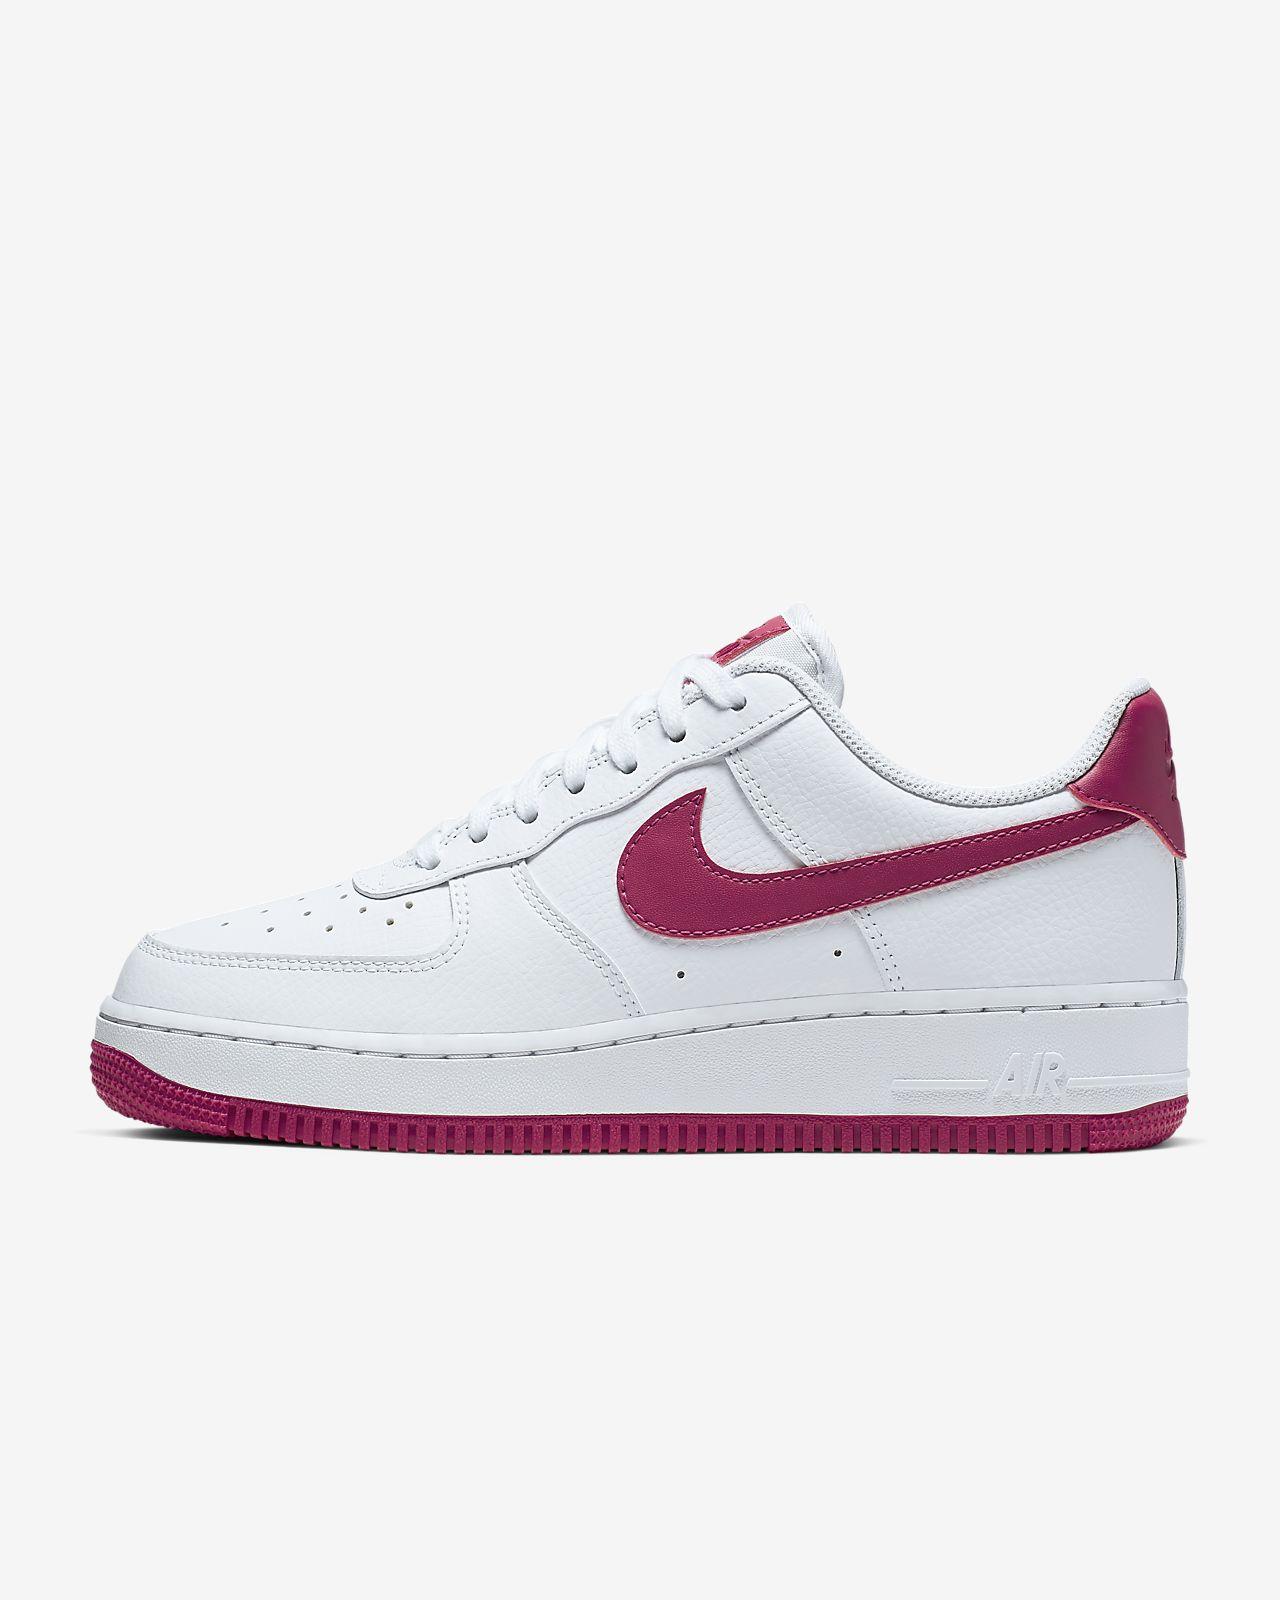 Nike Air Force 1 '07 Patent Damesschoen